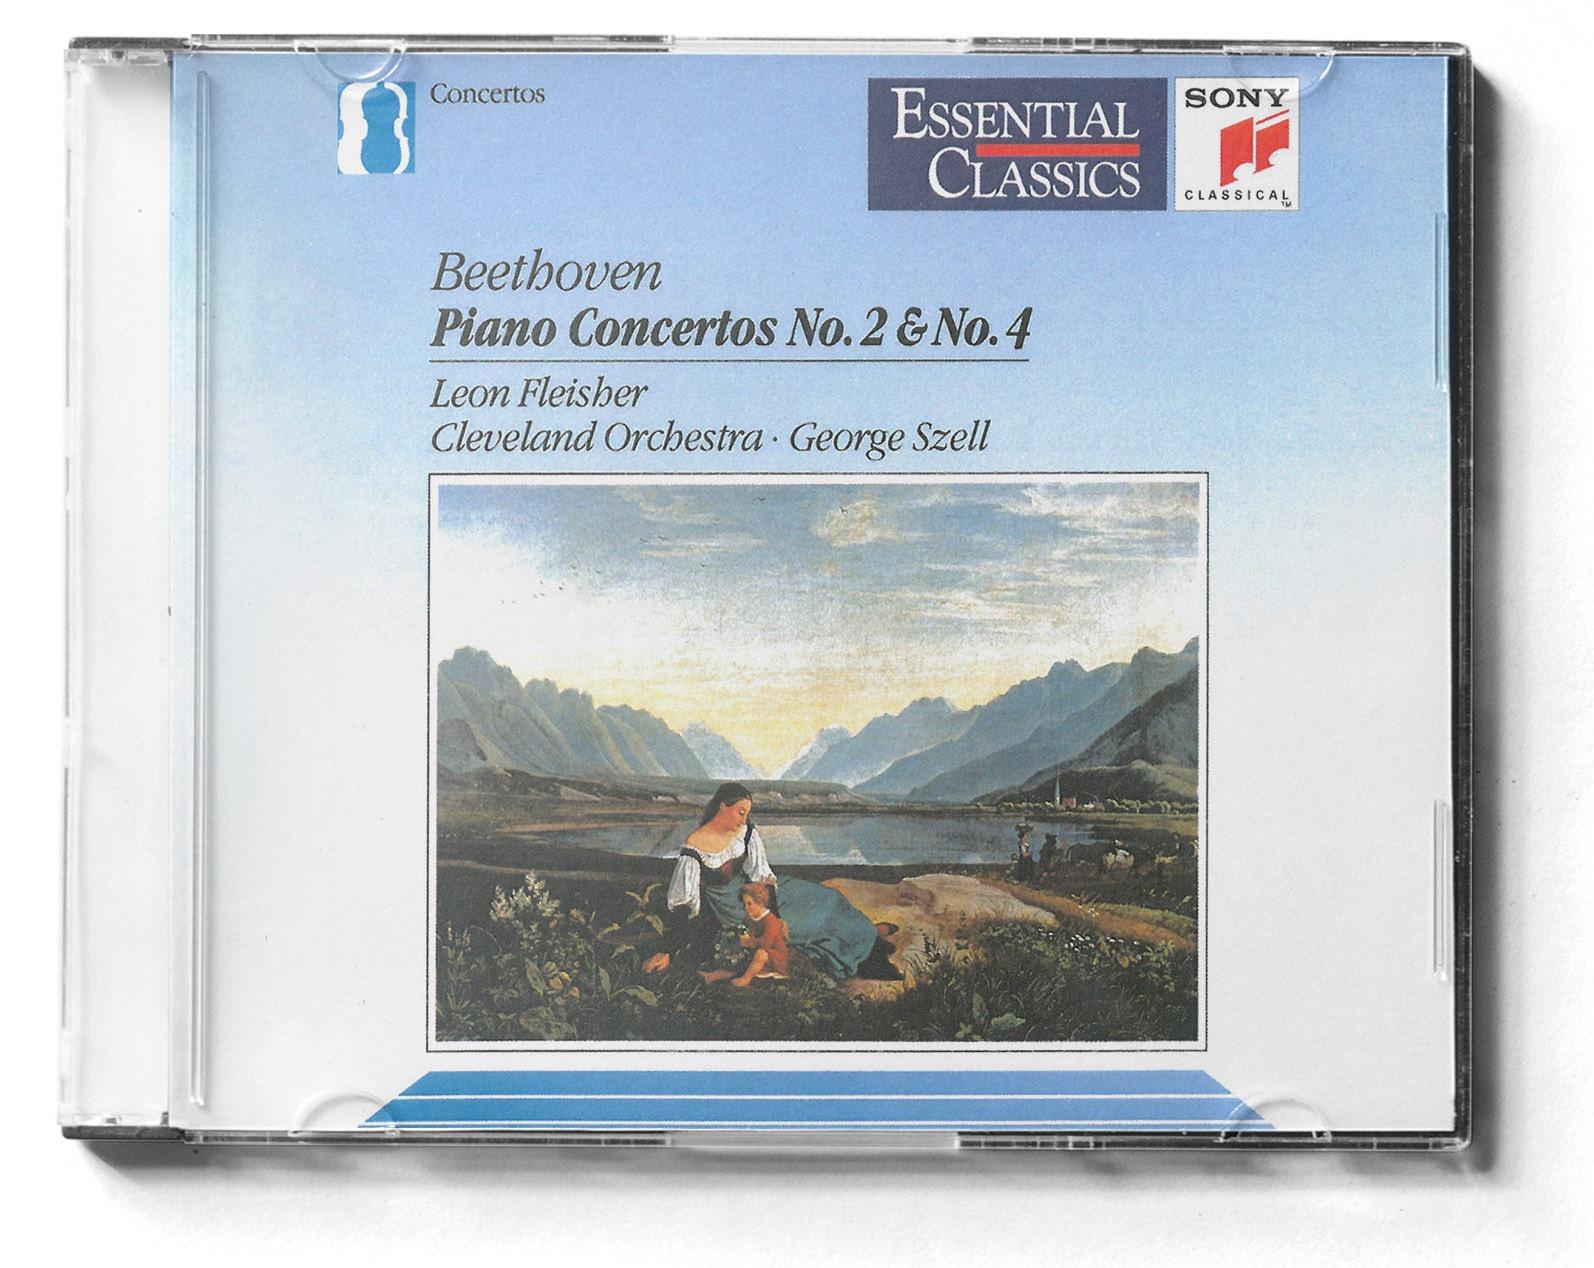 Beethoven Piano Concertos No. 2 & No. 4